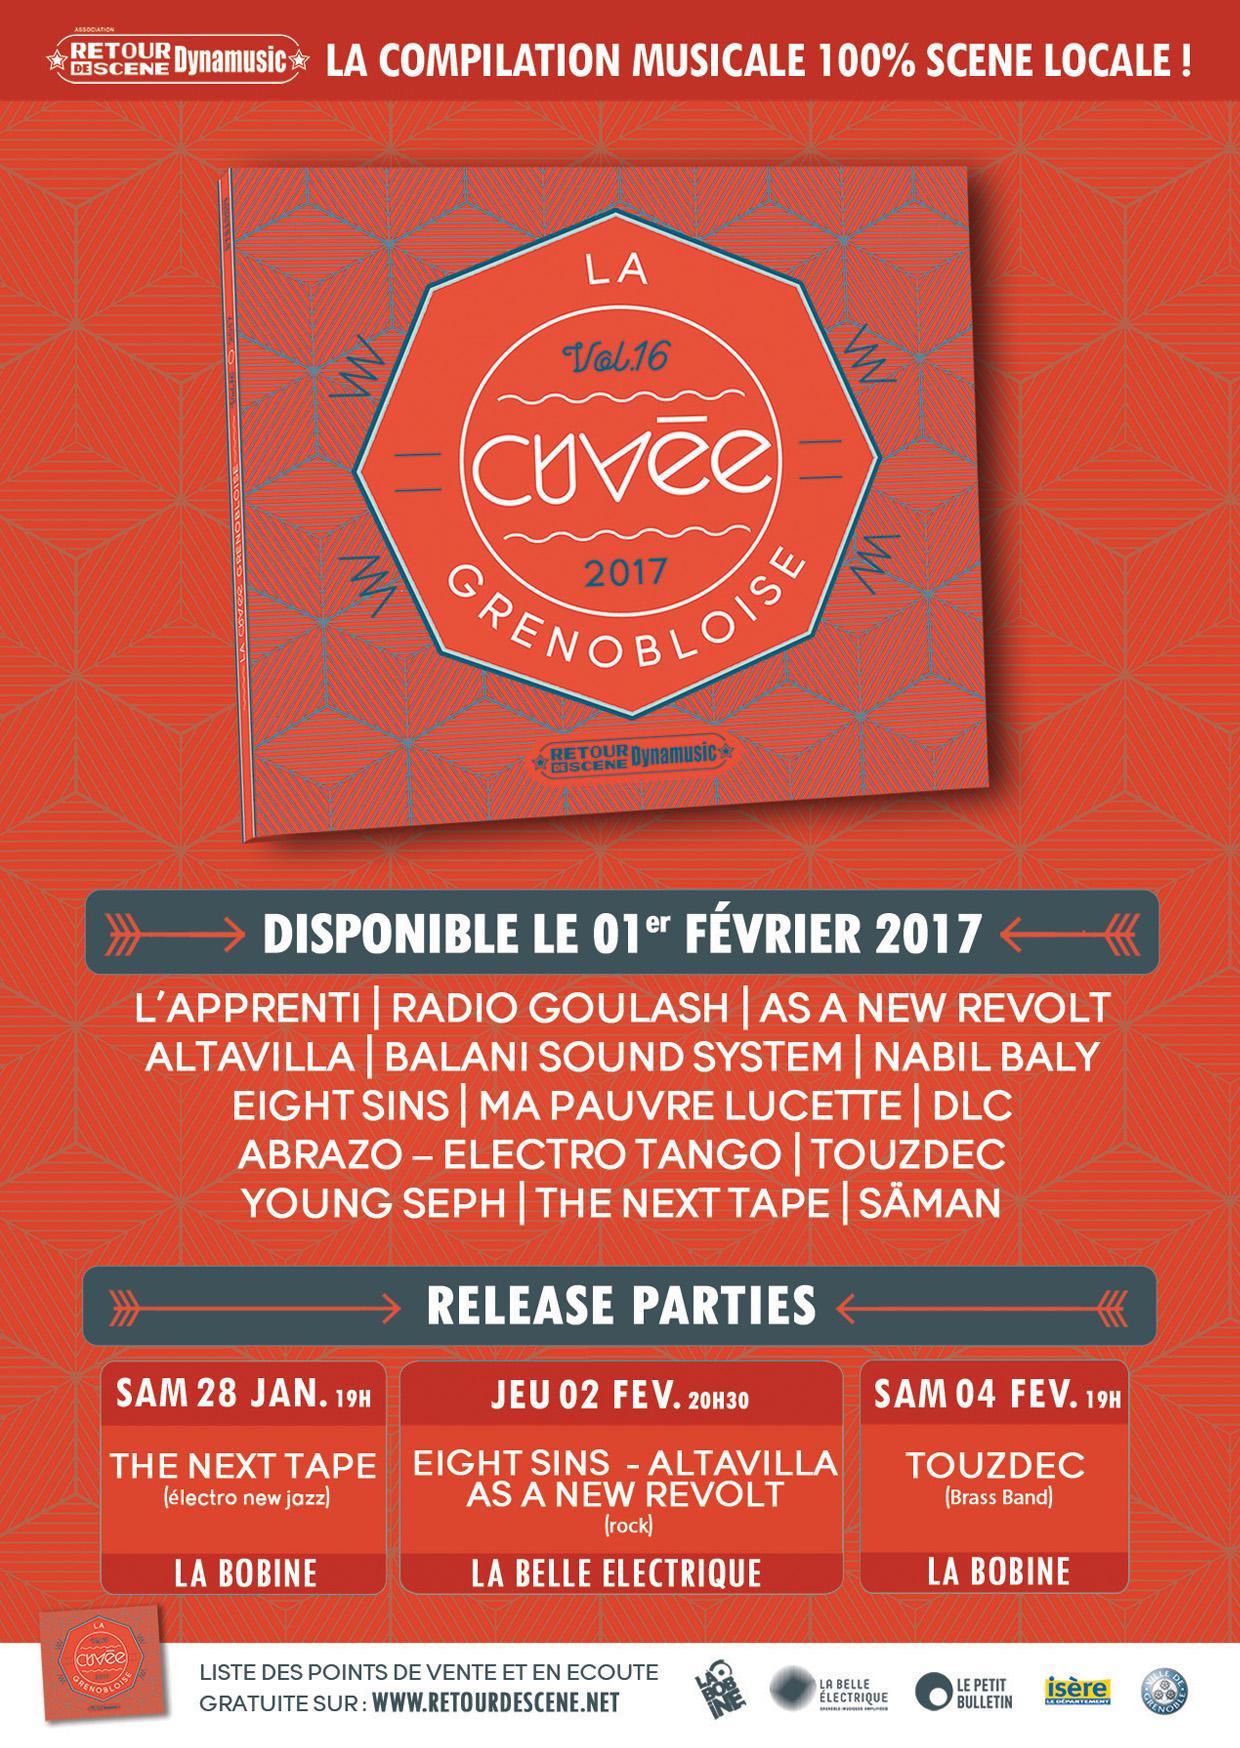 2017.02.02 - Cuvée Grenobloise